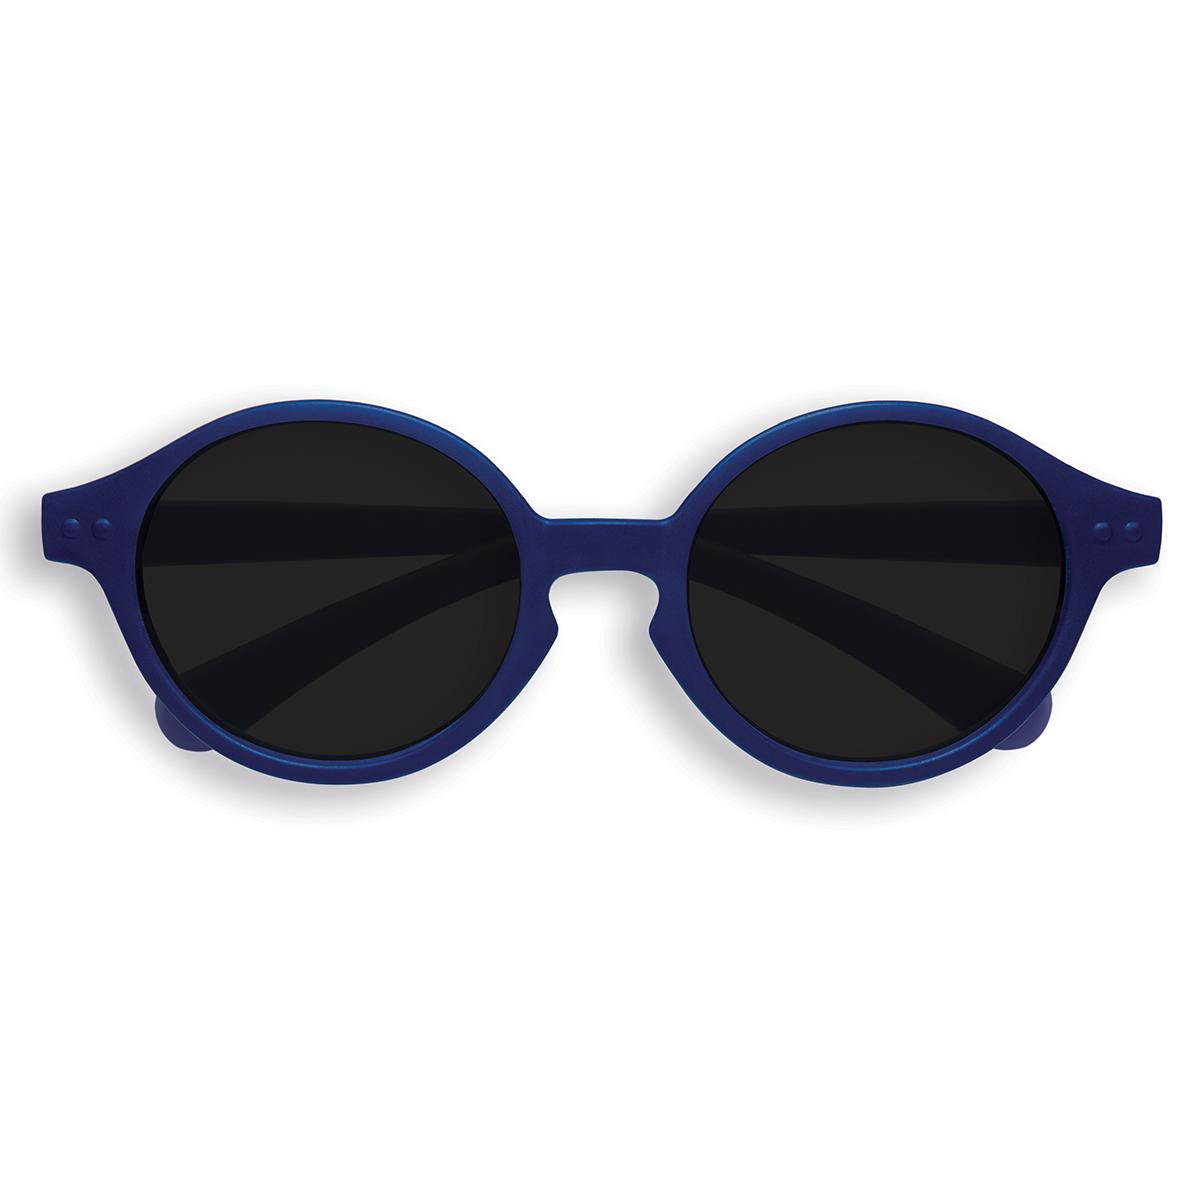 Accessoires bébé Lunettes de Soleil Sun Kids 12/36 Mois - Denim Blue Lunettes de Soleil Sun Kids 12/36 Mois - Denim Blue